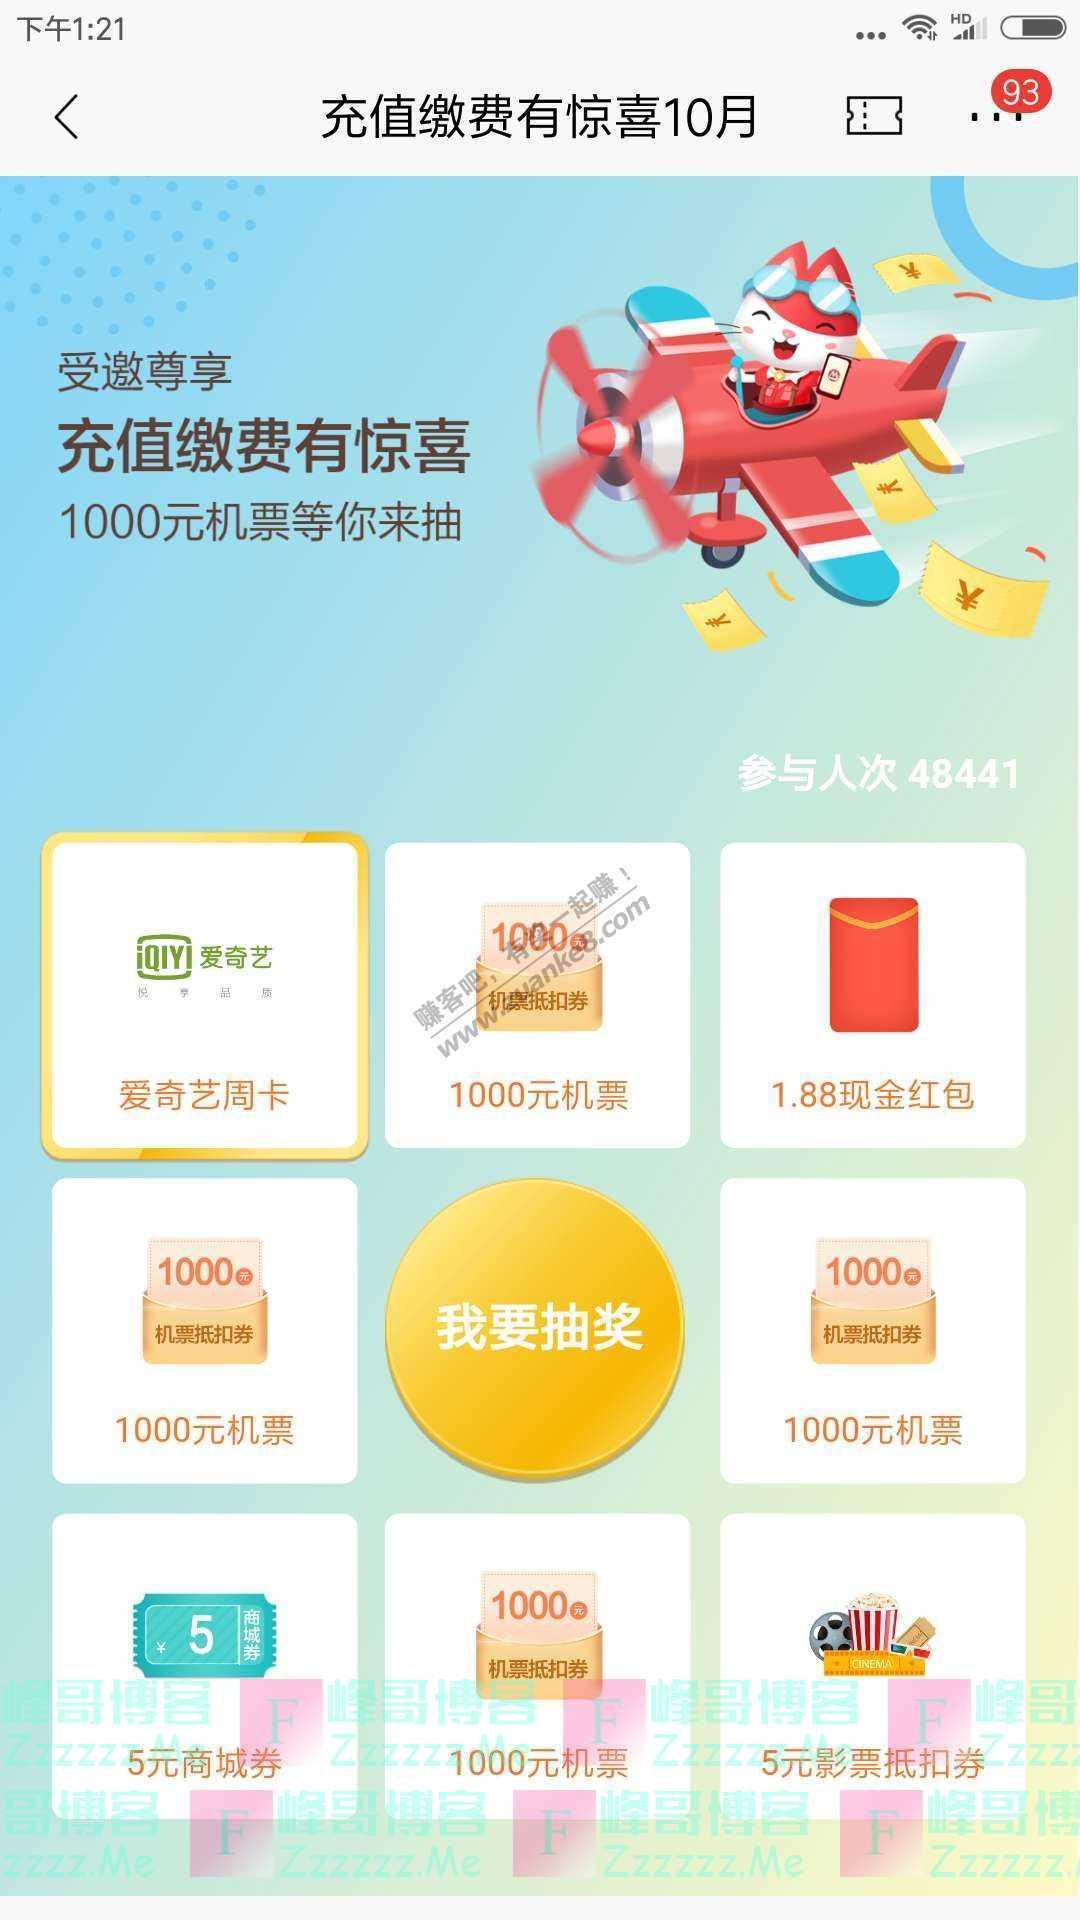 招商银行app充值缴费有惊喜10月(10月31日截止)